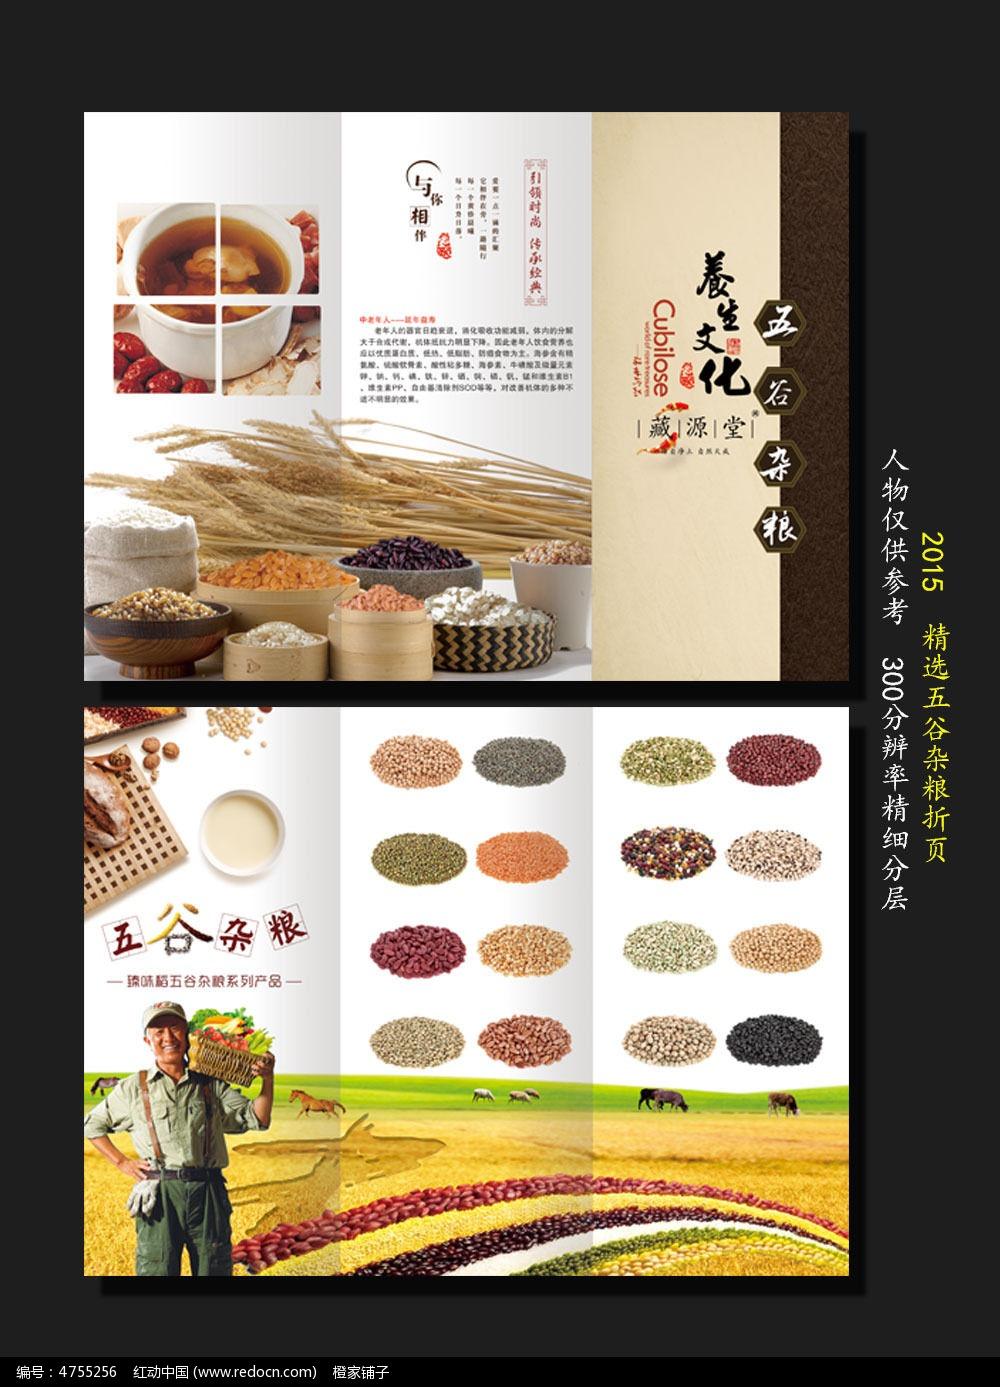 原创设计稿 海报设计/宣传单/广告牌 折页设计 简约五谷杂粮三折页图片